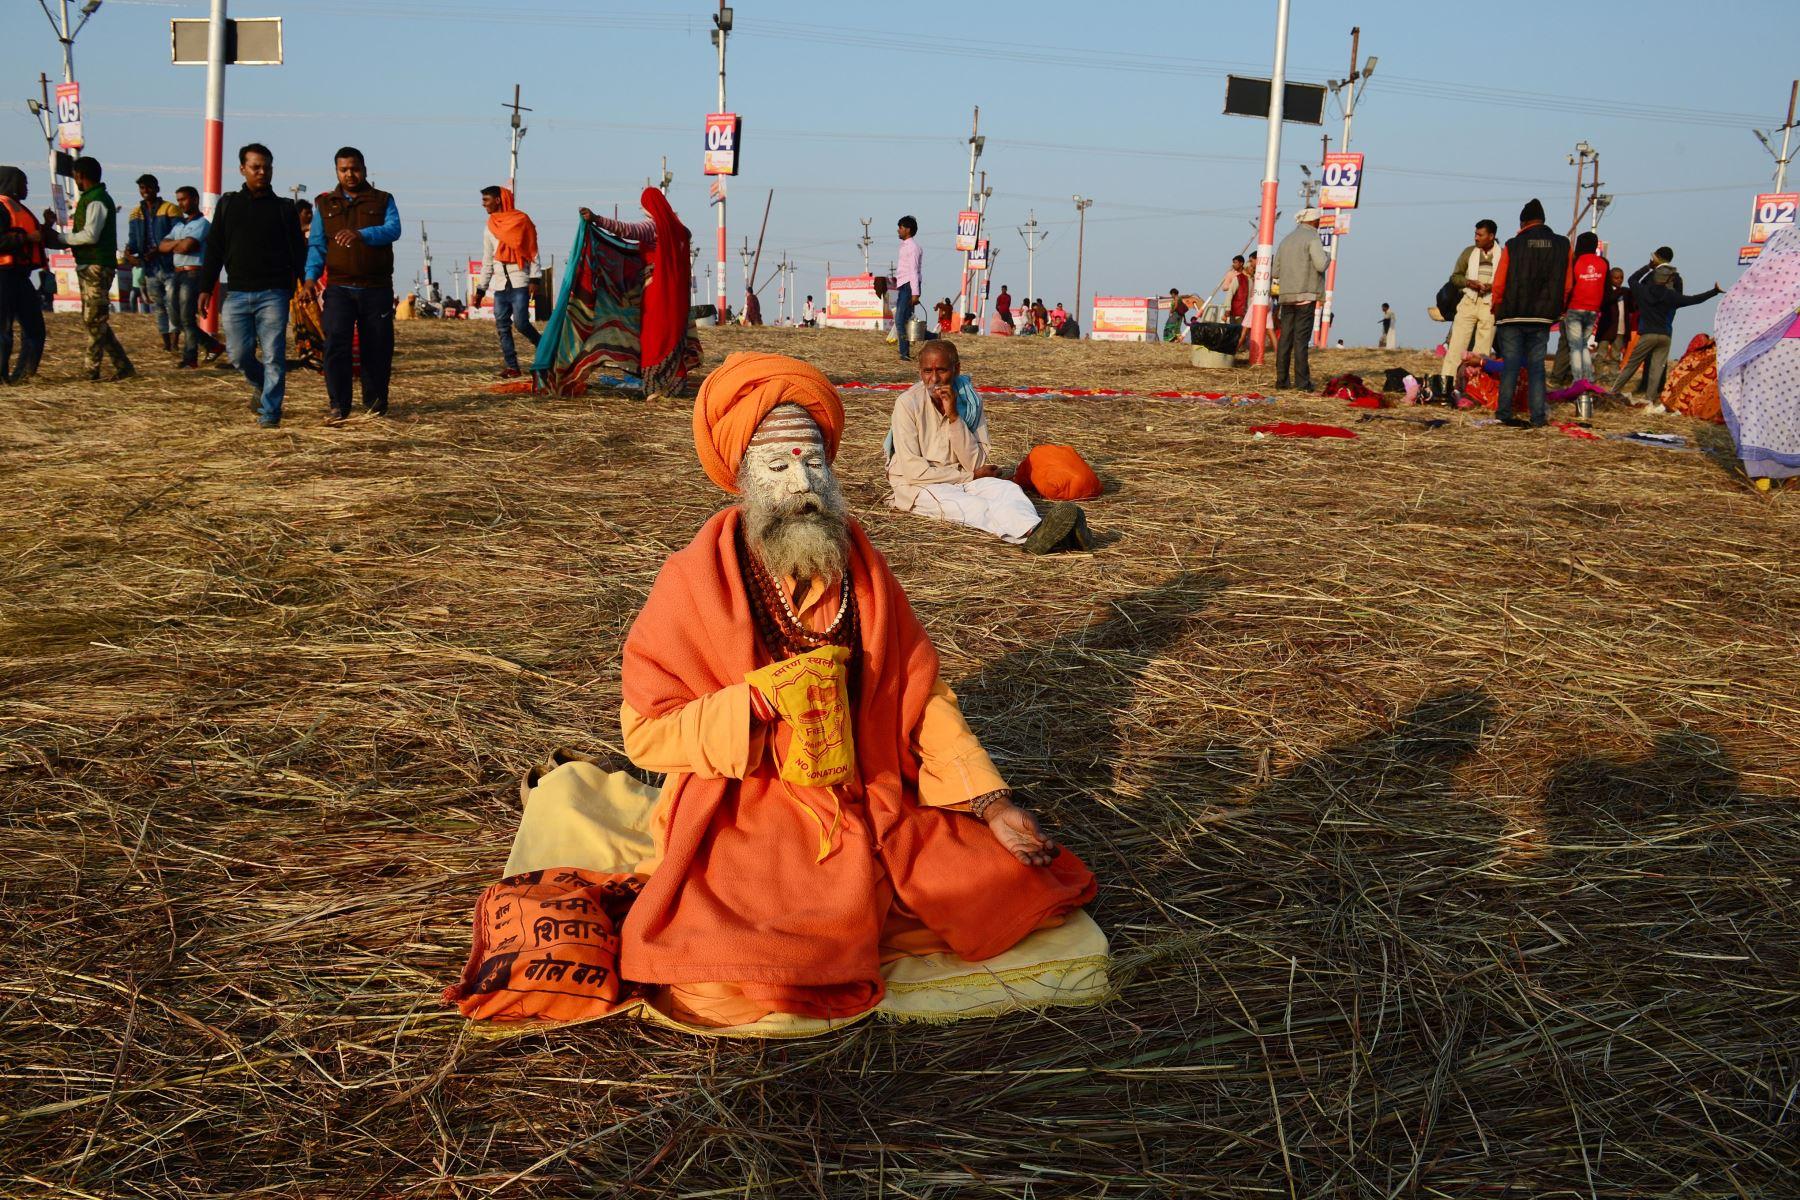 Un sadhu (hombre santo hindú) realiza oraciones vespertinas en el Sangam. Foto: AFP